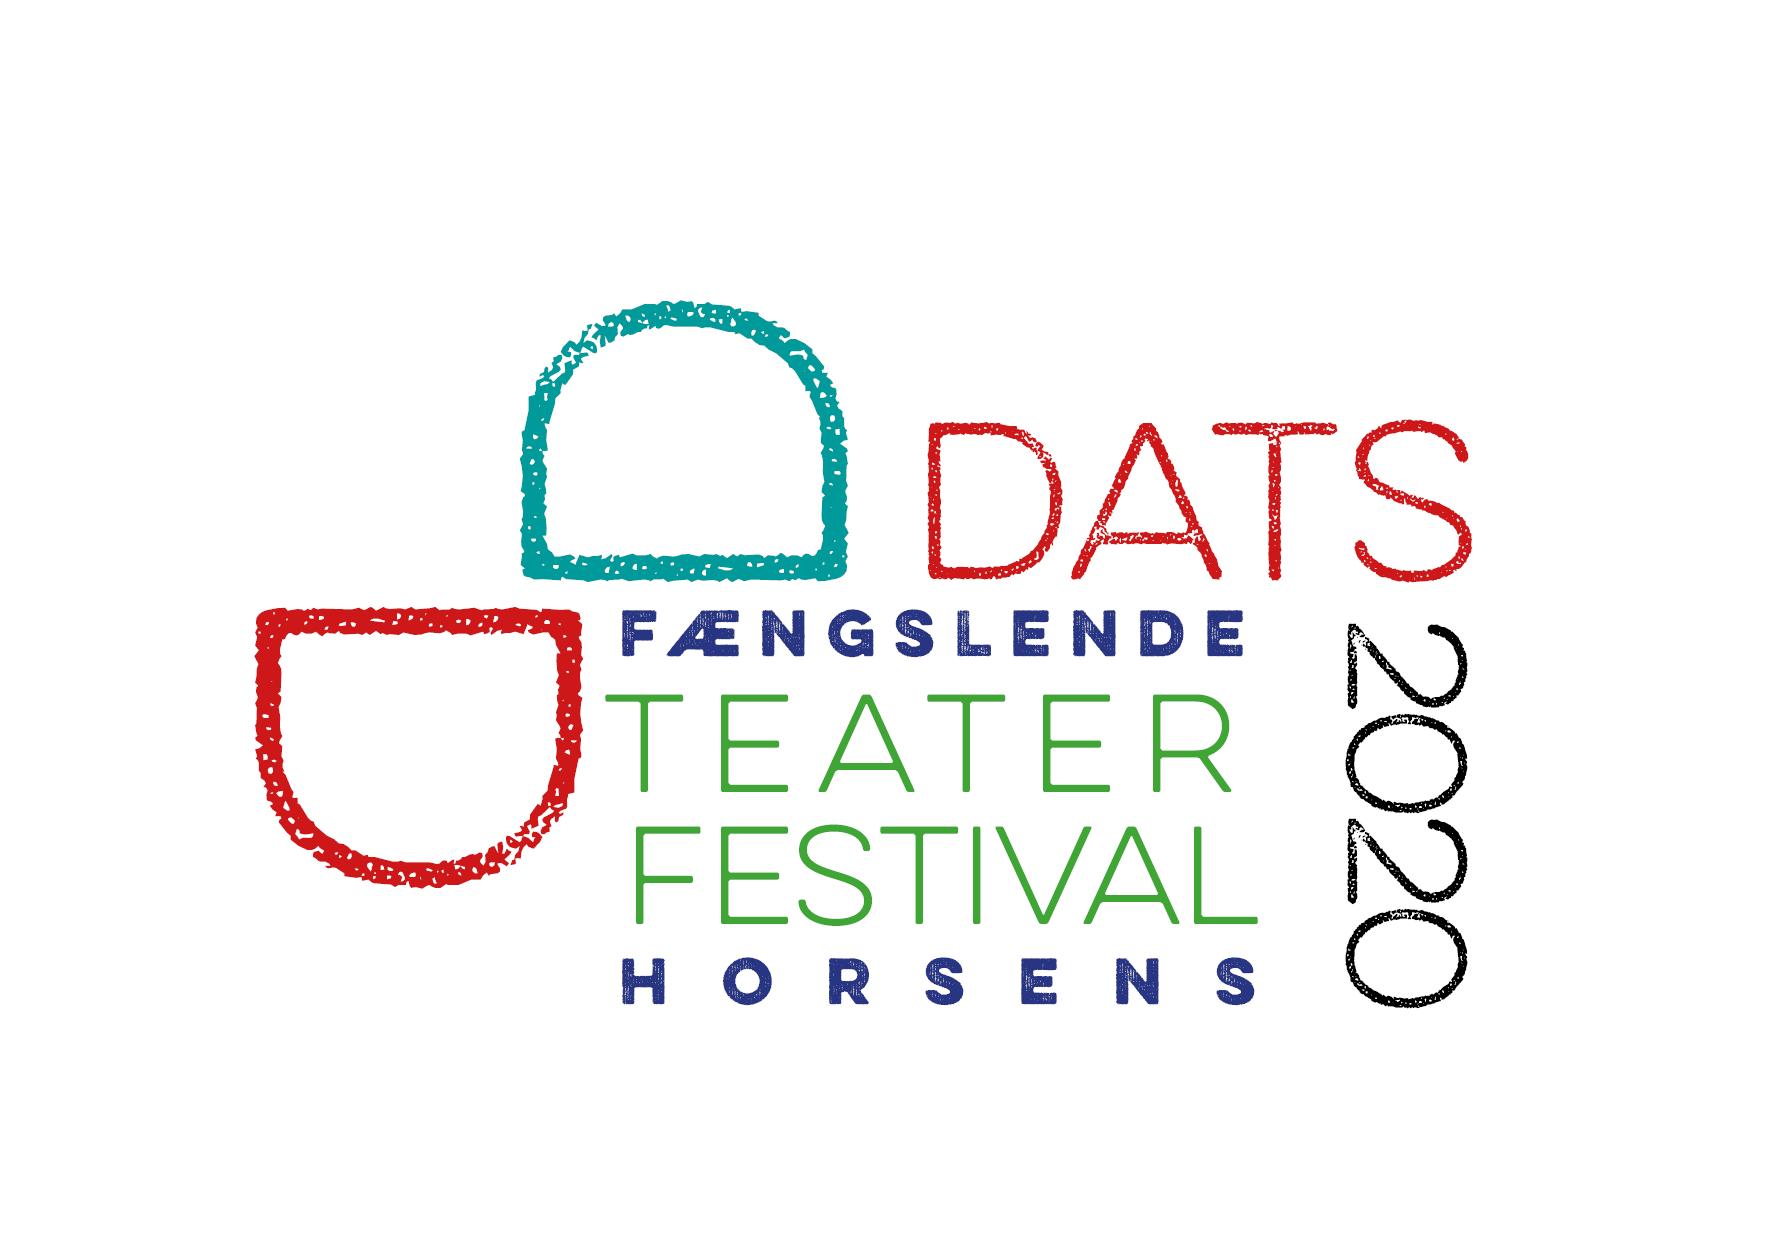 DATS_fængslende teaterfestival